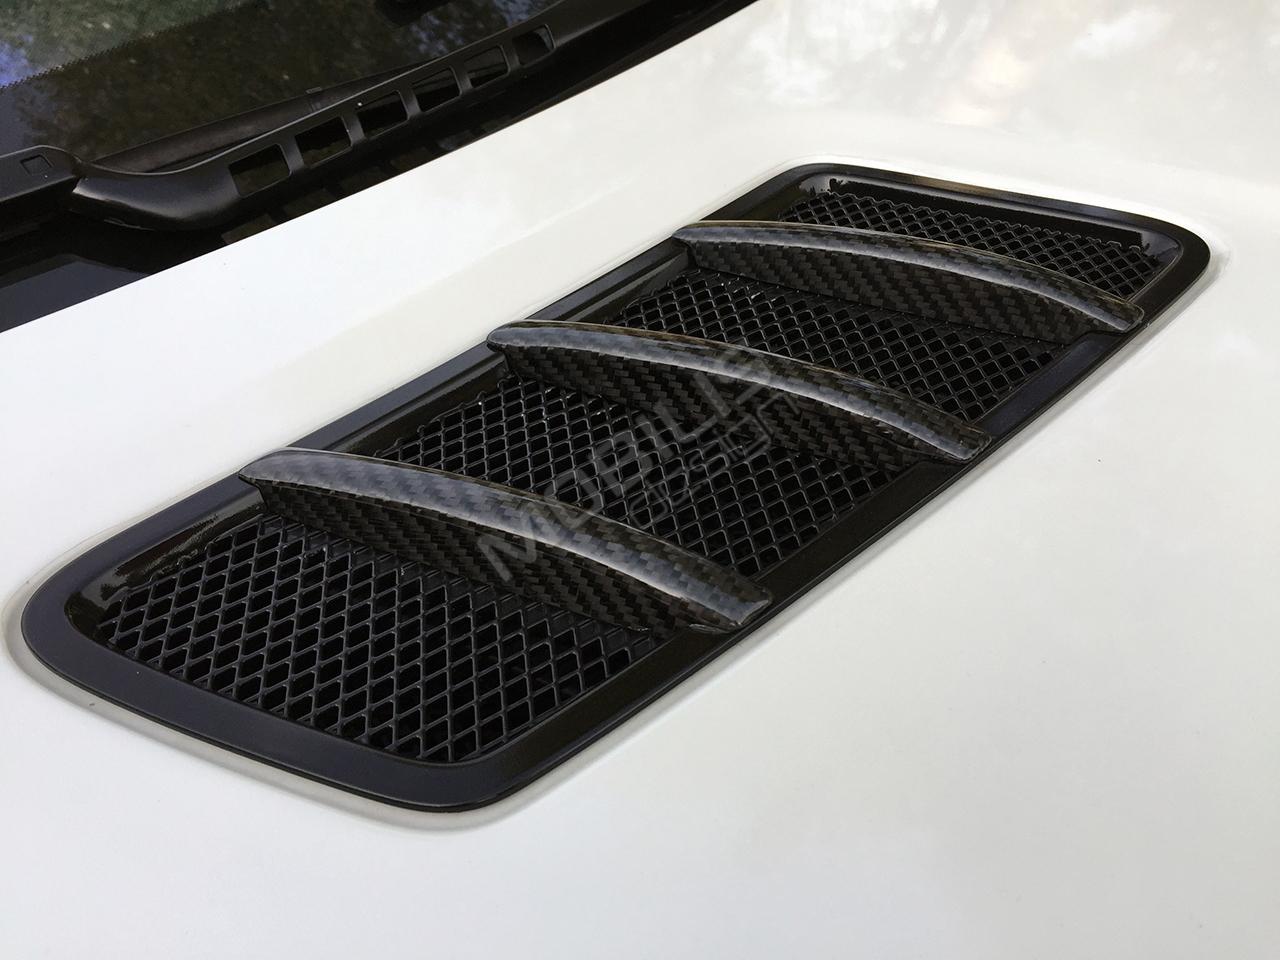 Mercedes-Benz GL63 2014 - замена хромированных элементов на карбон